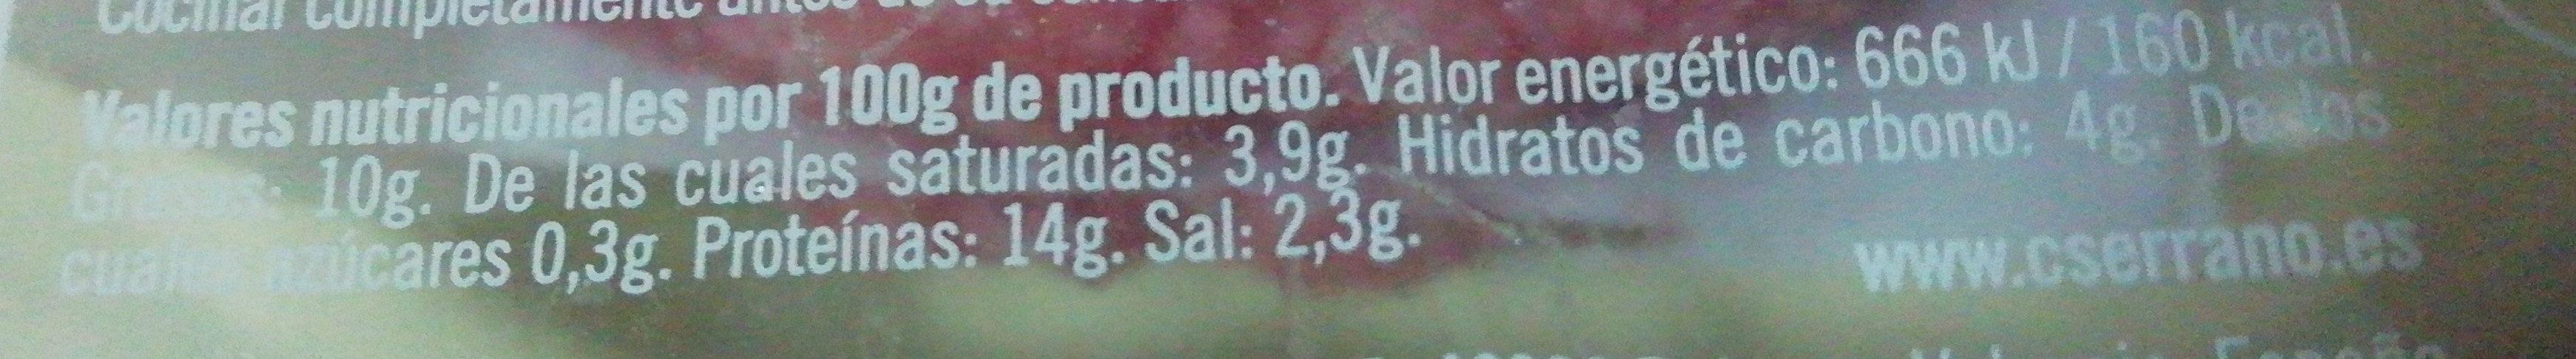 Burger meat 4UDS Mixta Pavo+Pollo - Información nutricional